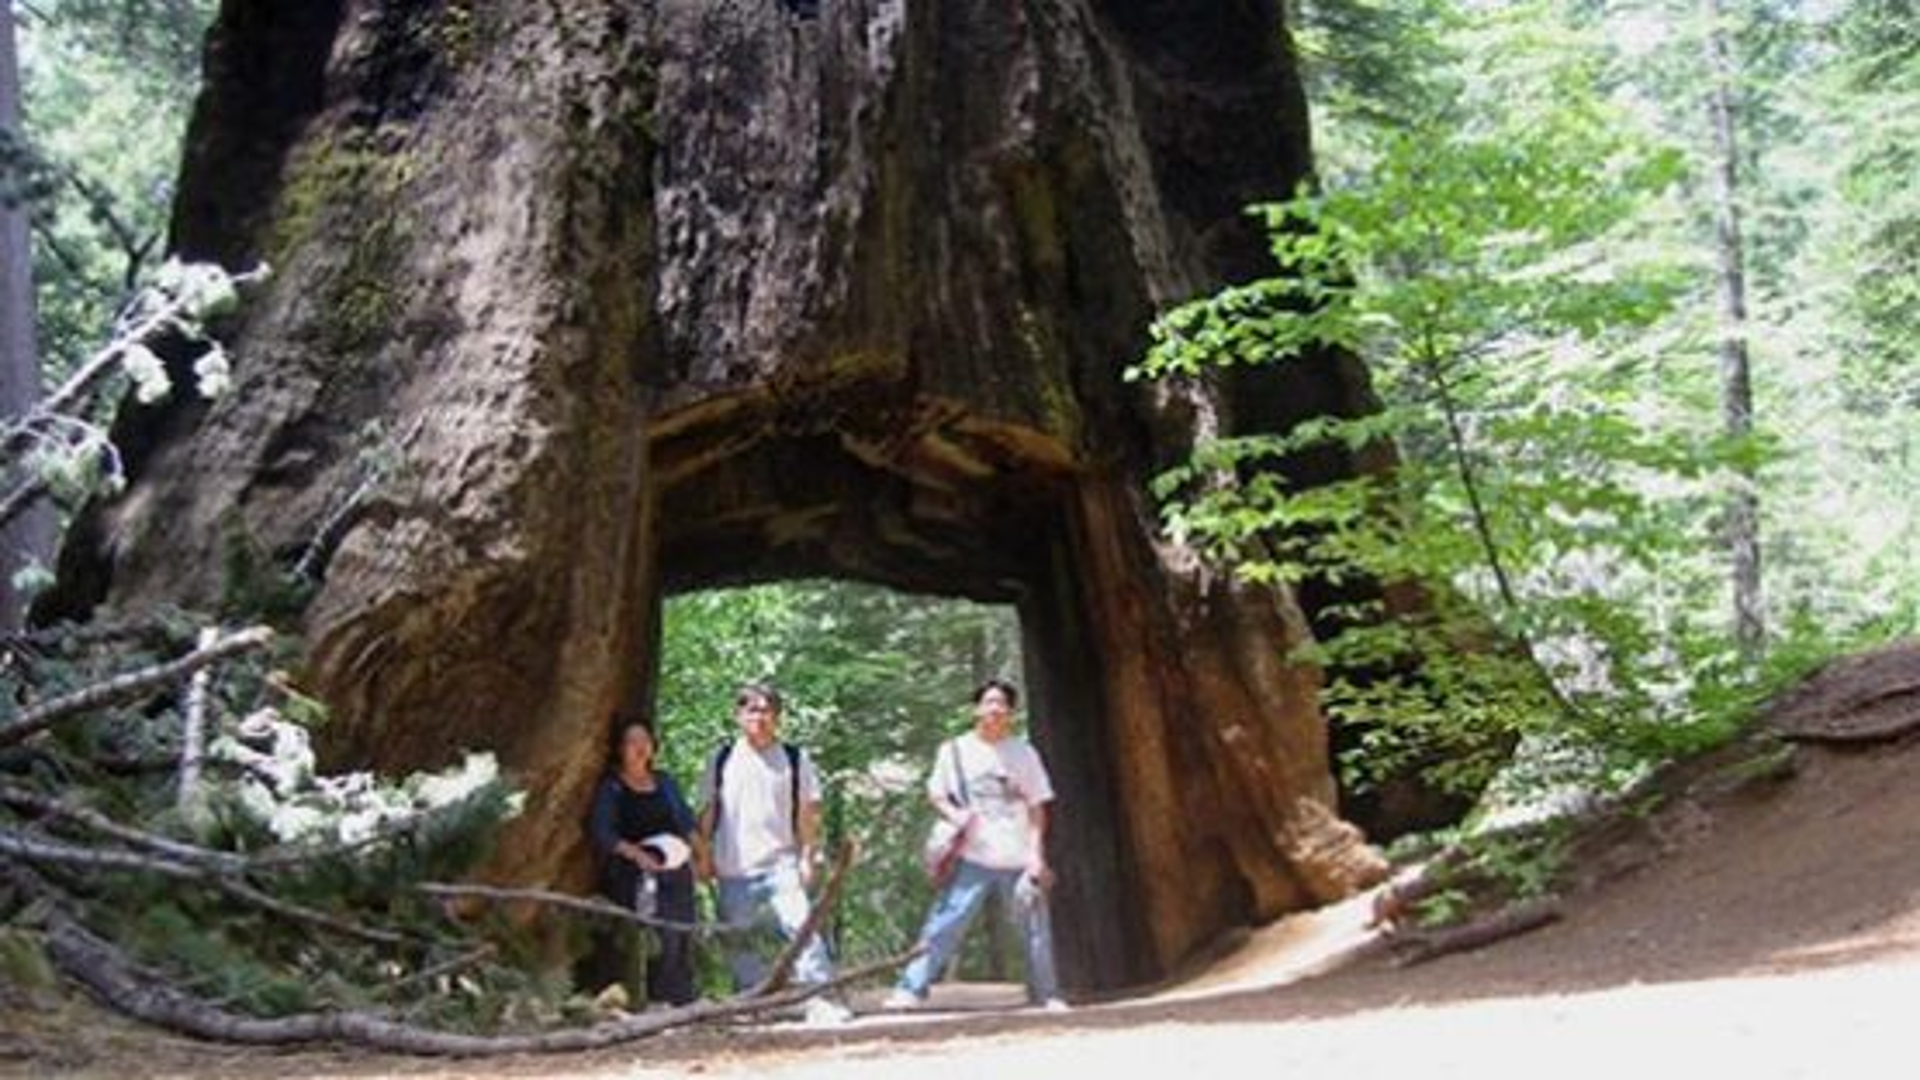 شبیه سازی و دوباره کاشت درخت سه هزارساله سکویا | فیلم